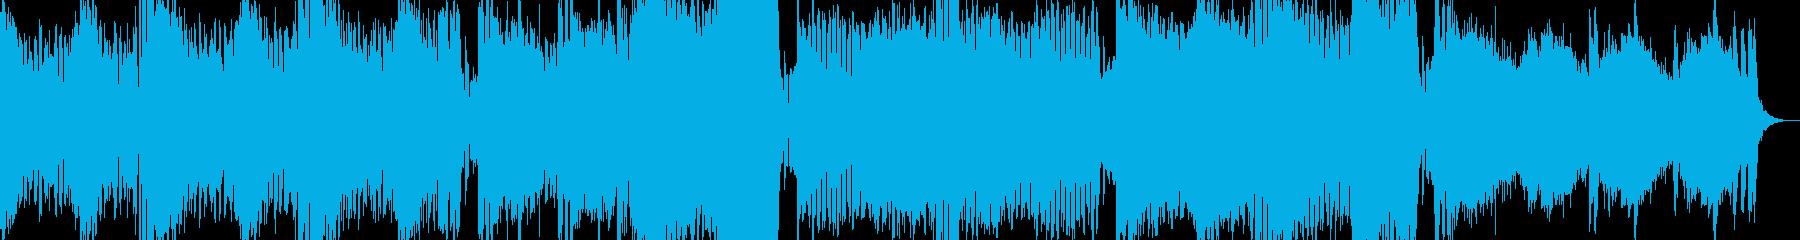 ミニマルな感じのテクノBGMの再生済みの波形